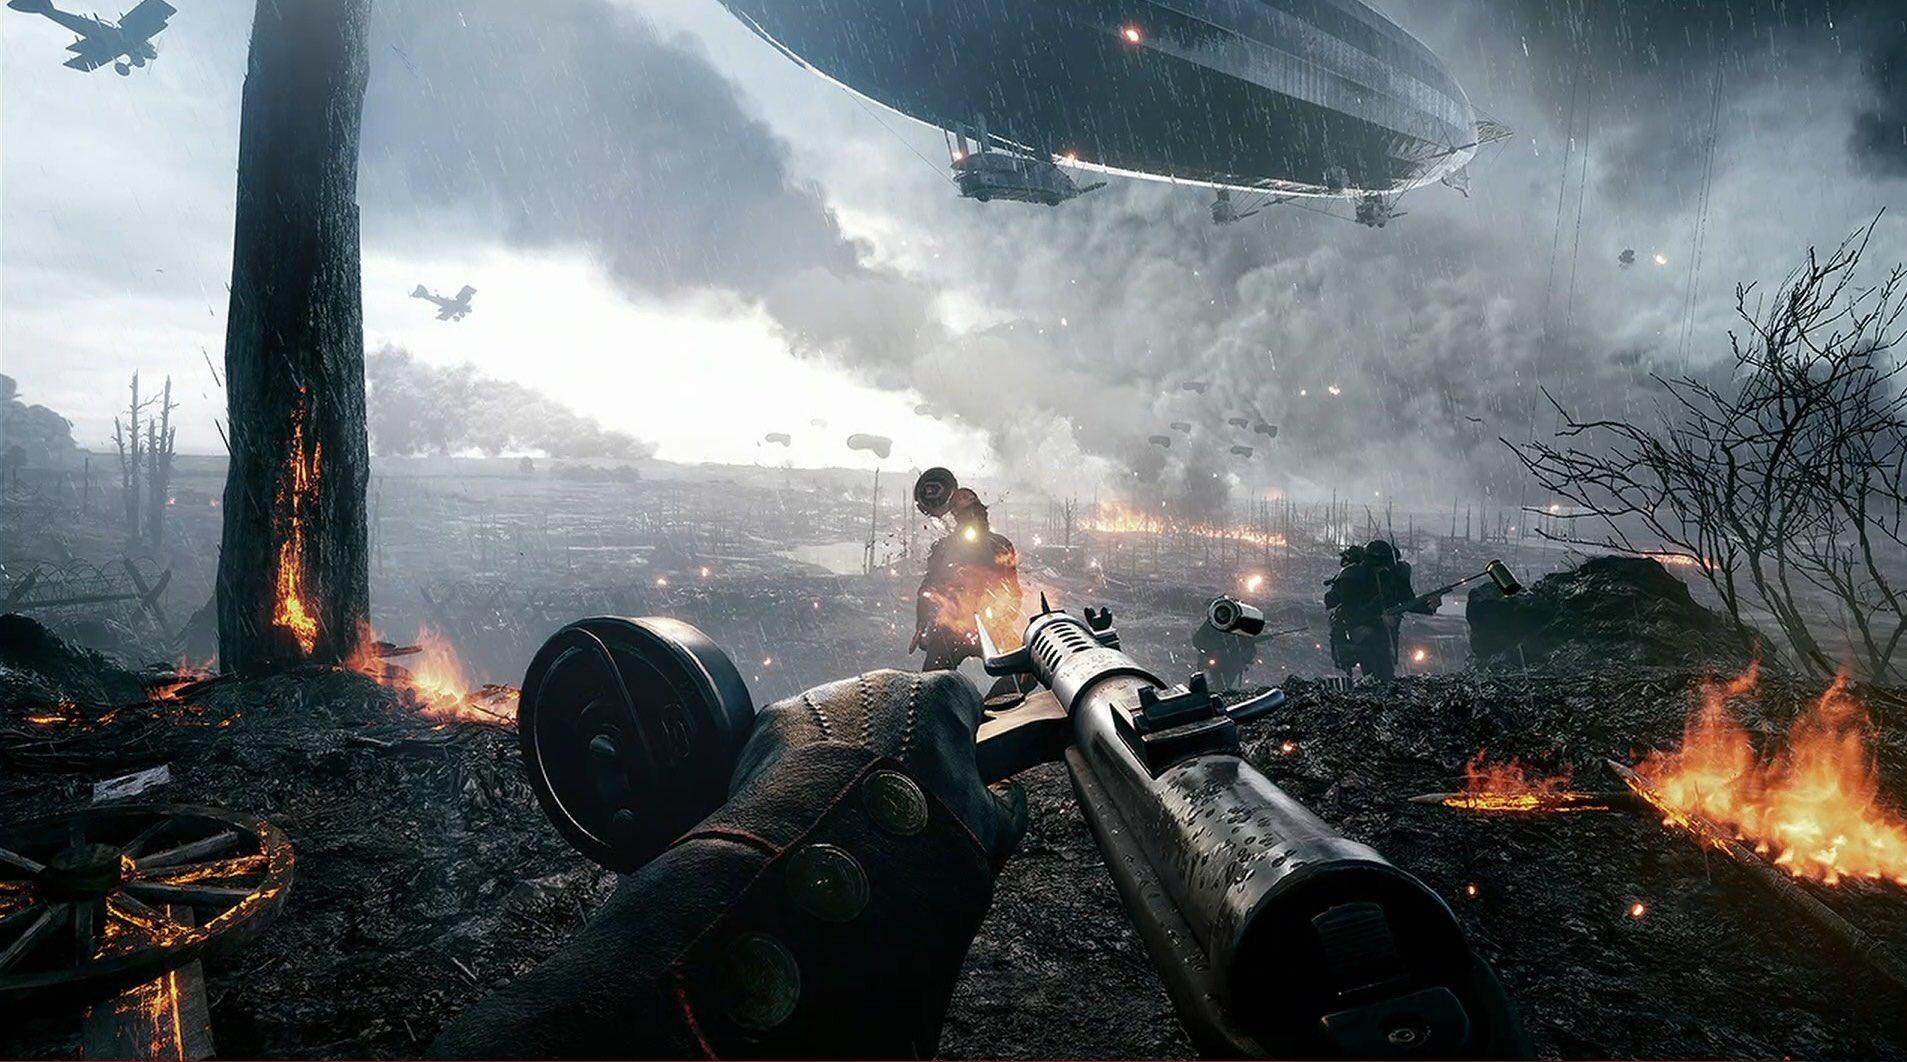 Battlefield 1 Gameplay Trailer 1